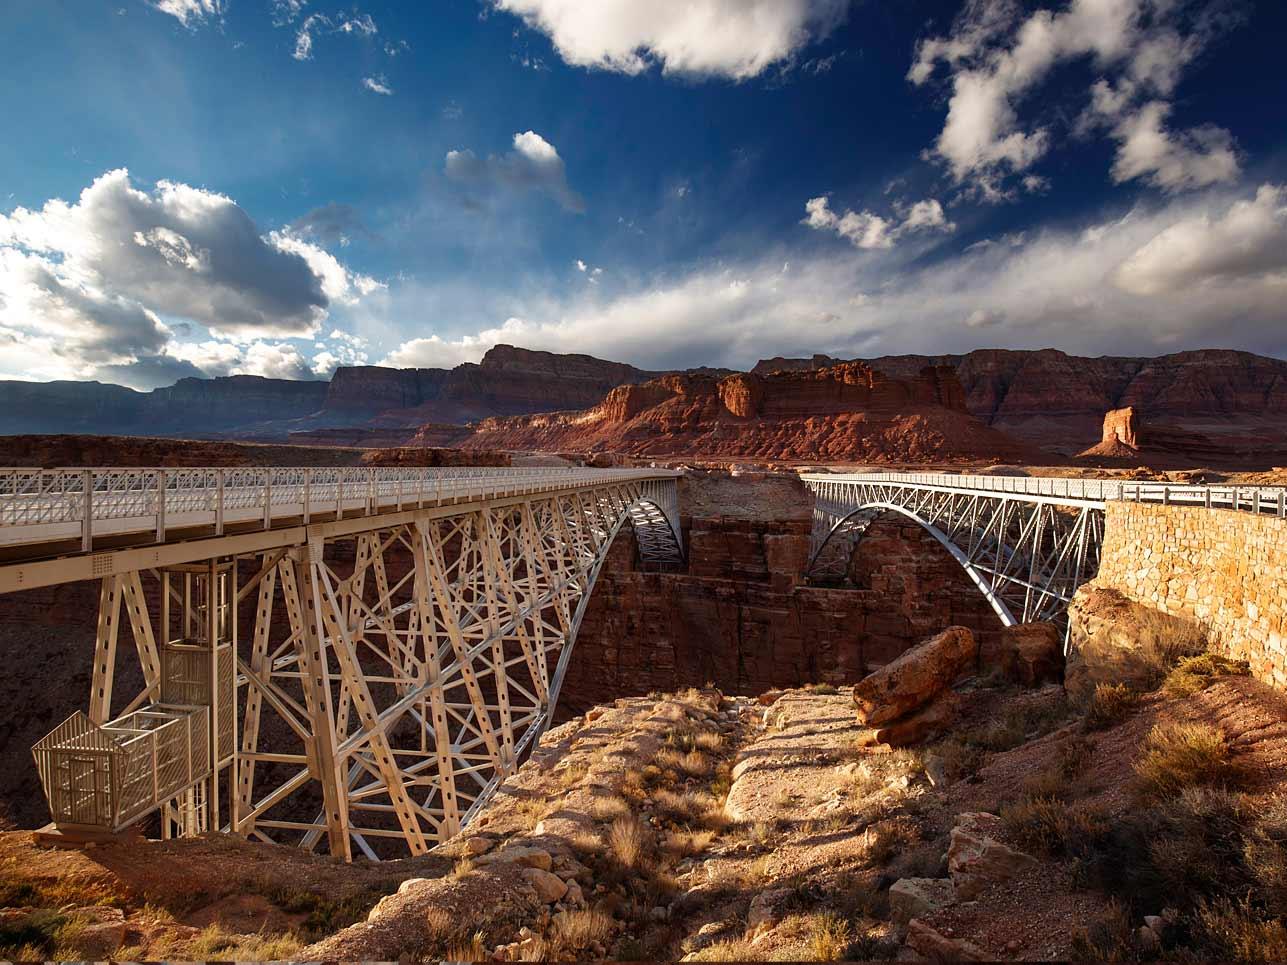 Utah extrem: Kolosse aus Stahl spannen sich über weite Schluchten.